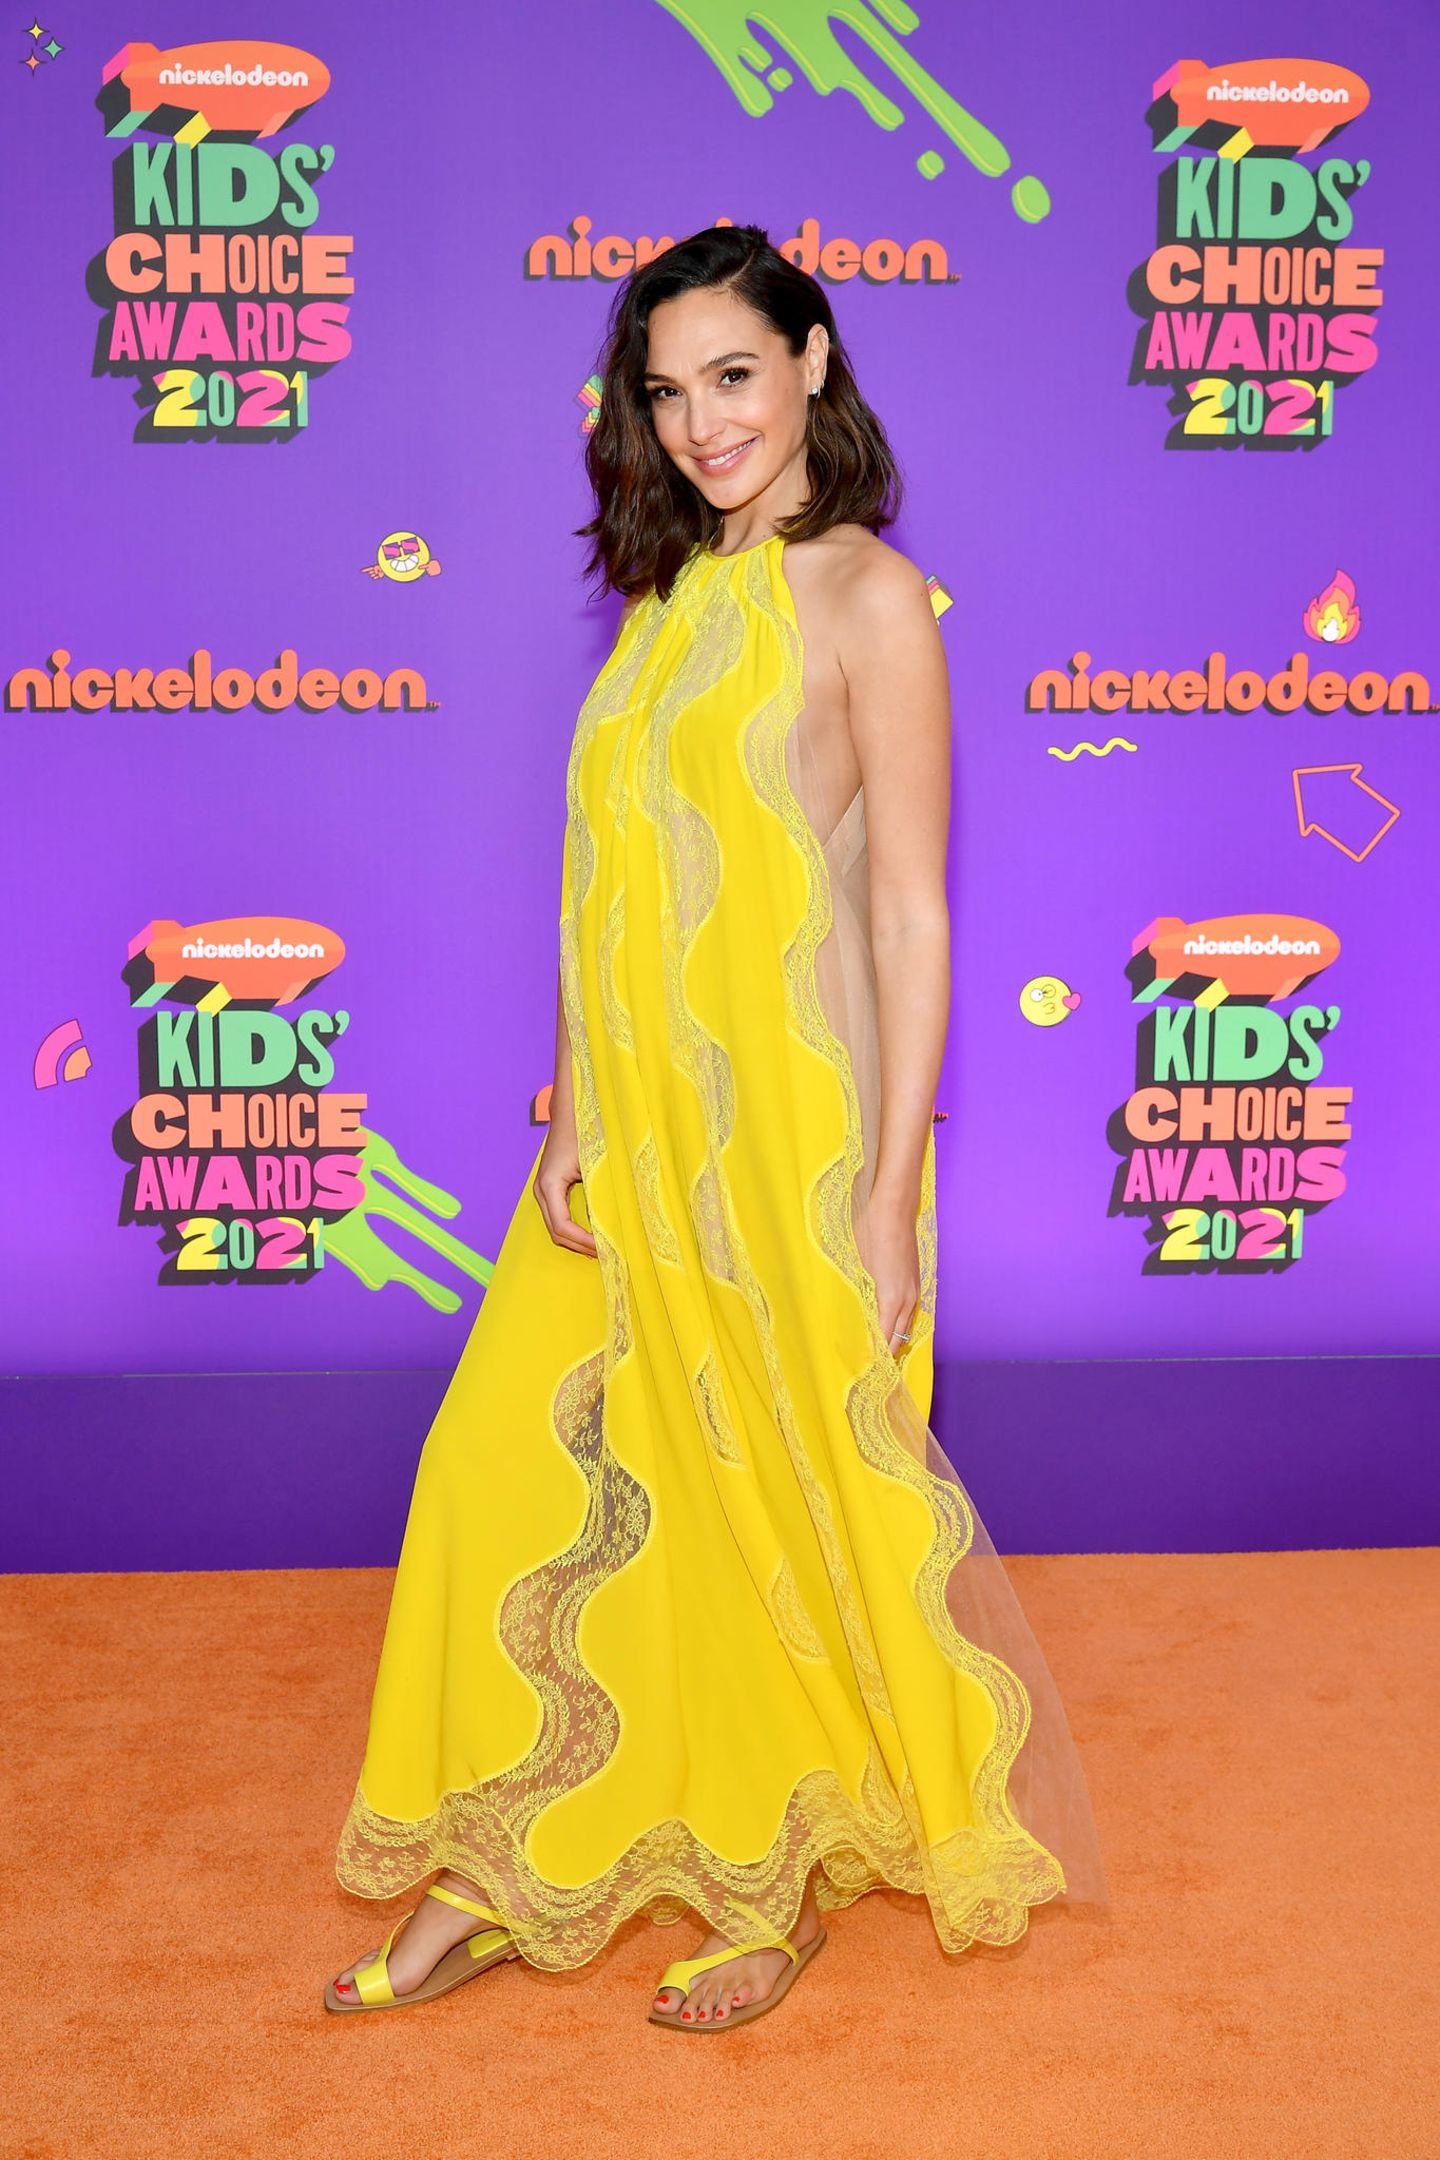 """Vor wenigen Tagen erst verkündetGalGadot, dass sie zum dritten Mal Mama wird, jetzt gibtes auch schon die erste Gelegenheit, die Babykugel auszuführen – bei den Kids Choice Awards 2021. In einer sonnengelben Robe läuft der """"Wonderwoman""""-Star über den orangefarbenen Teppich der Preisverleihung und auch wenn das voluminöse Kleid die Babykugel die meiste Zeit gut versteckt, so ist die kleine Wölbung doch nicht mehr zu übersehen."""